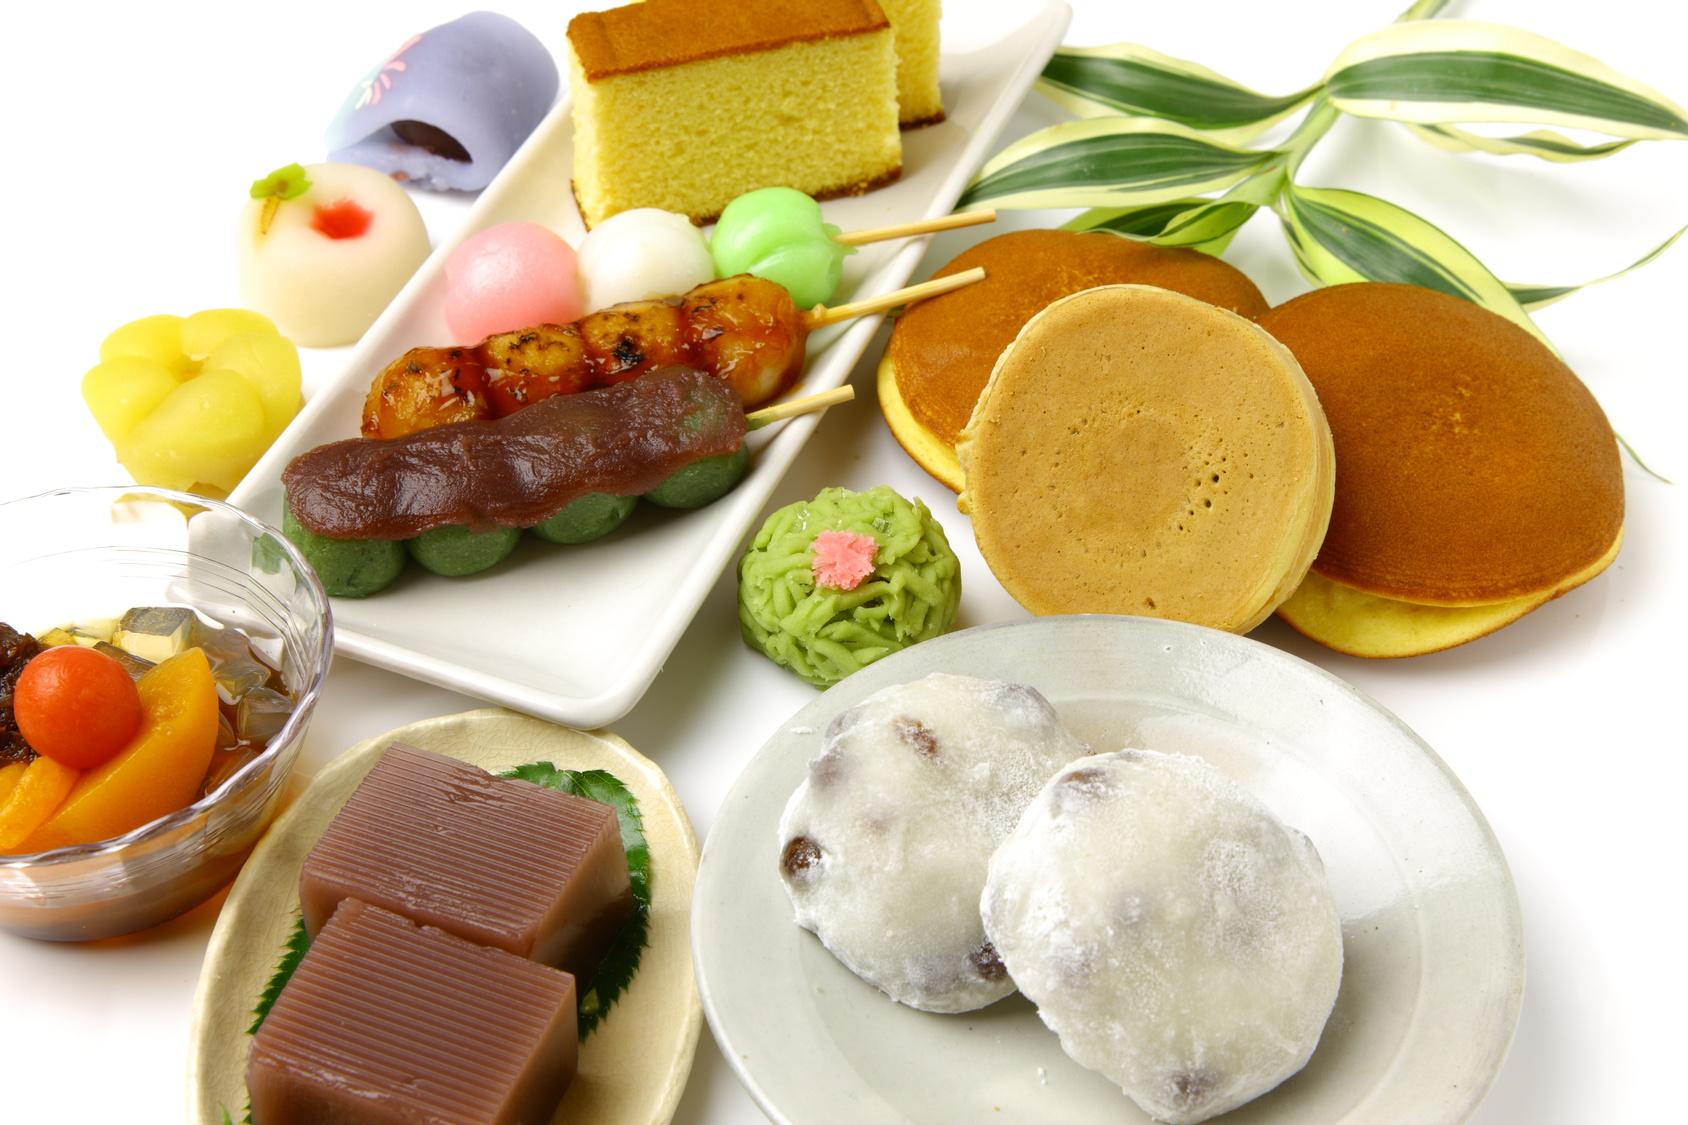 冷凍お菓子